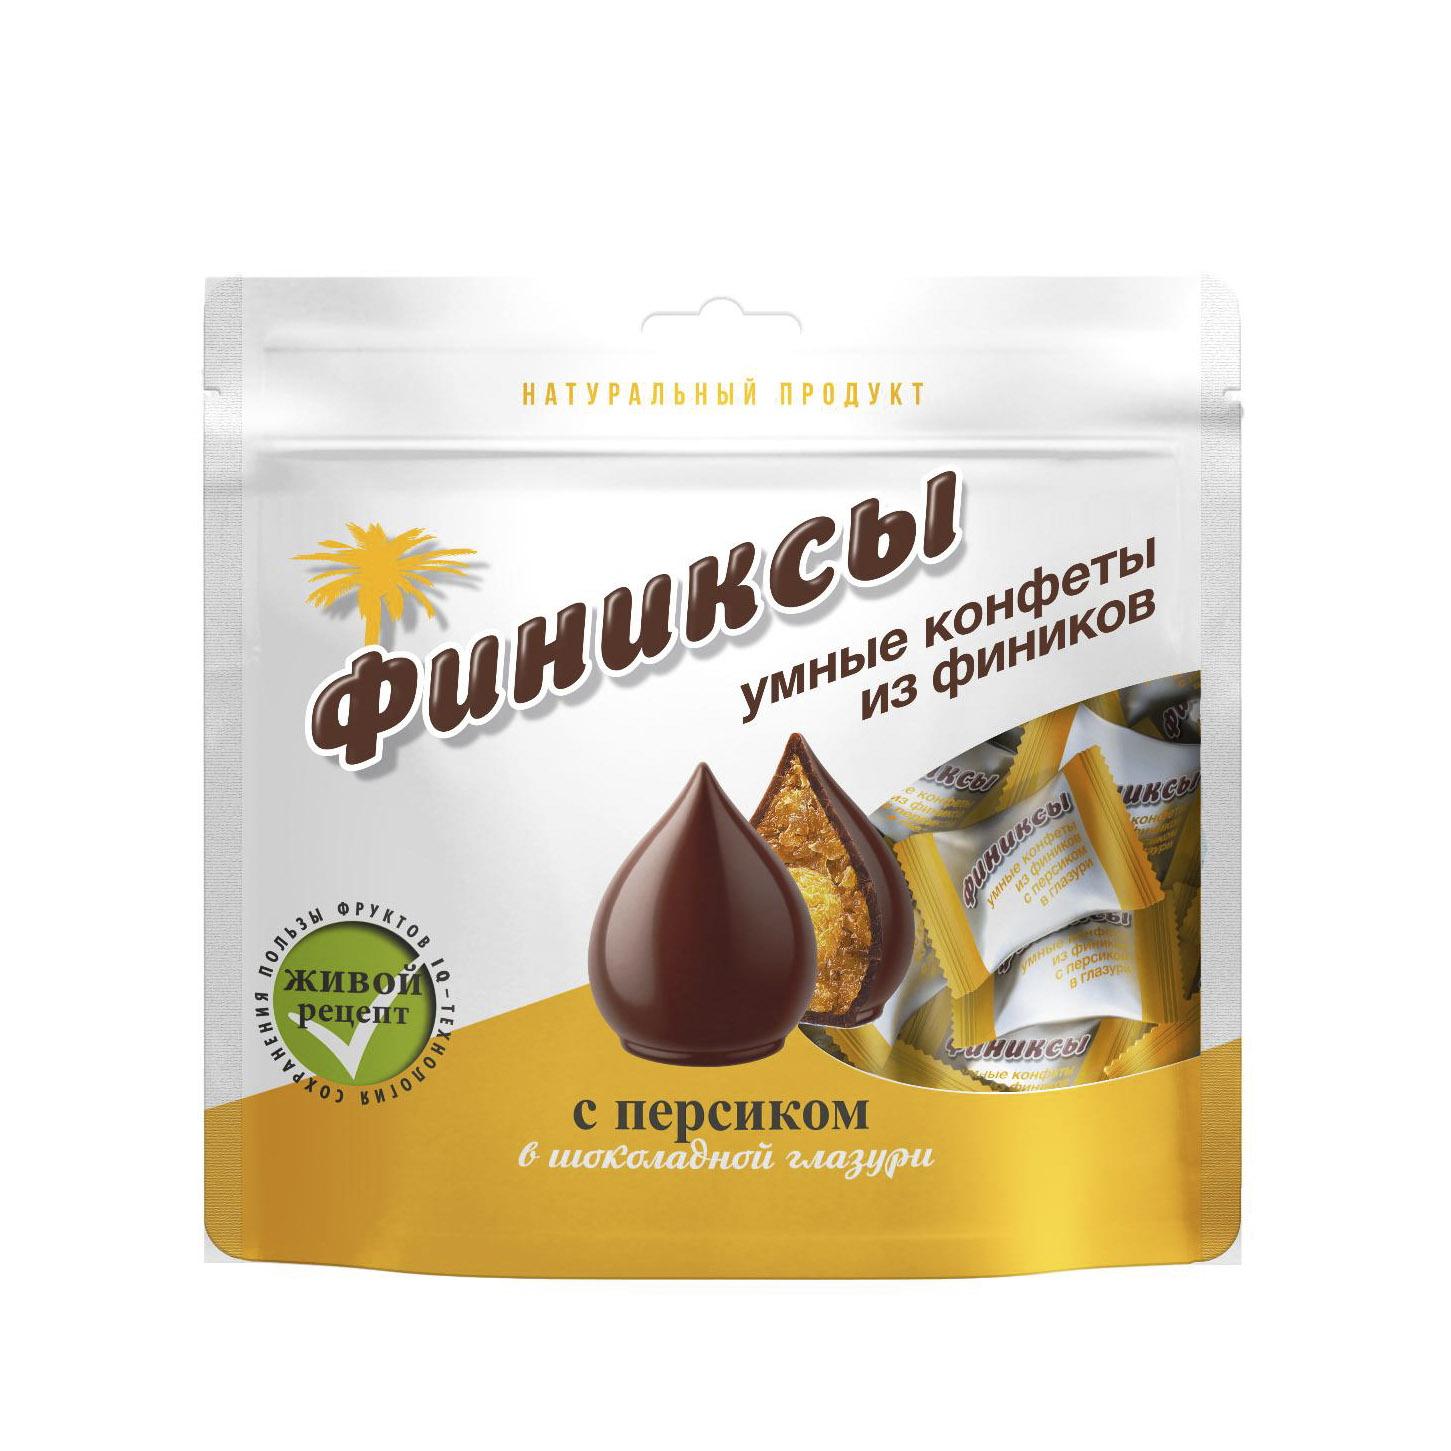 Конфеты Финиксы с персиком в шоколадной глазури 180 г конфеты malibu кокосовые в молочной шоколадной глазури 140 г